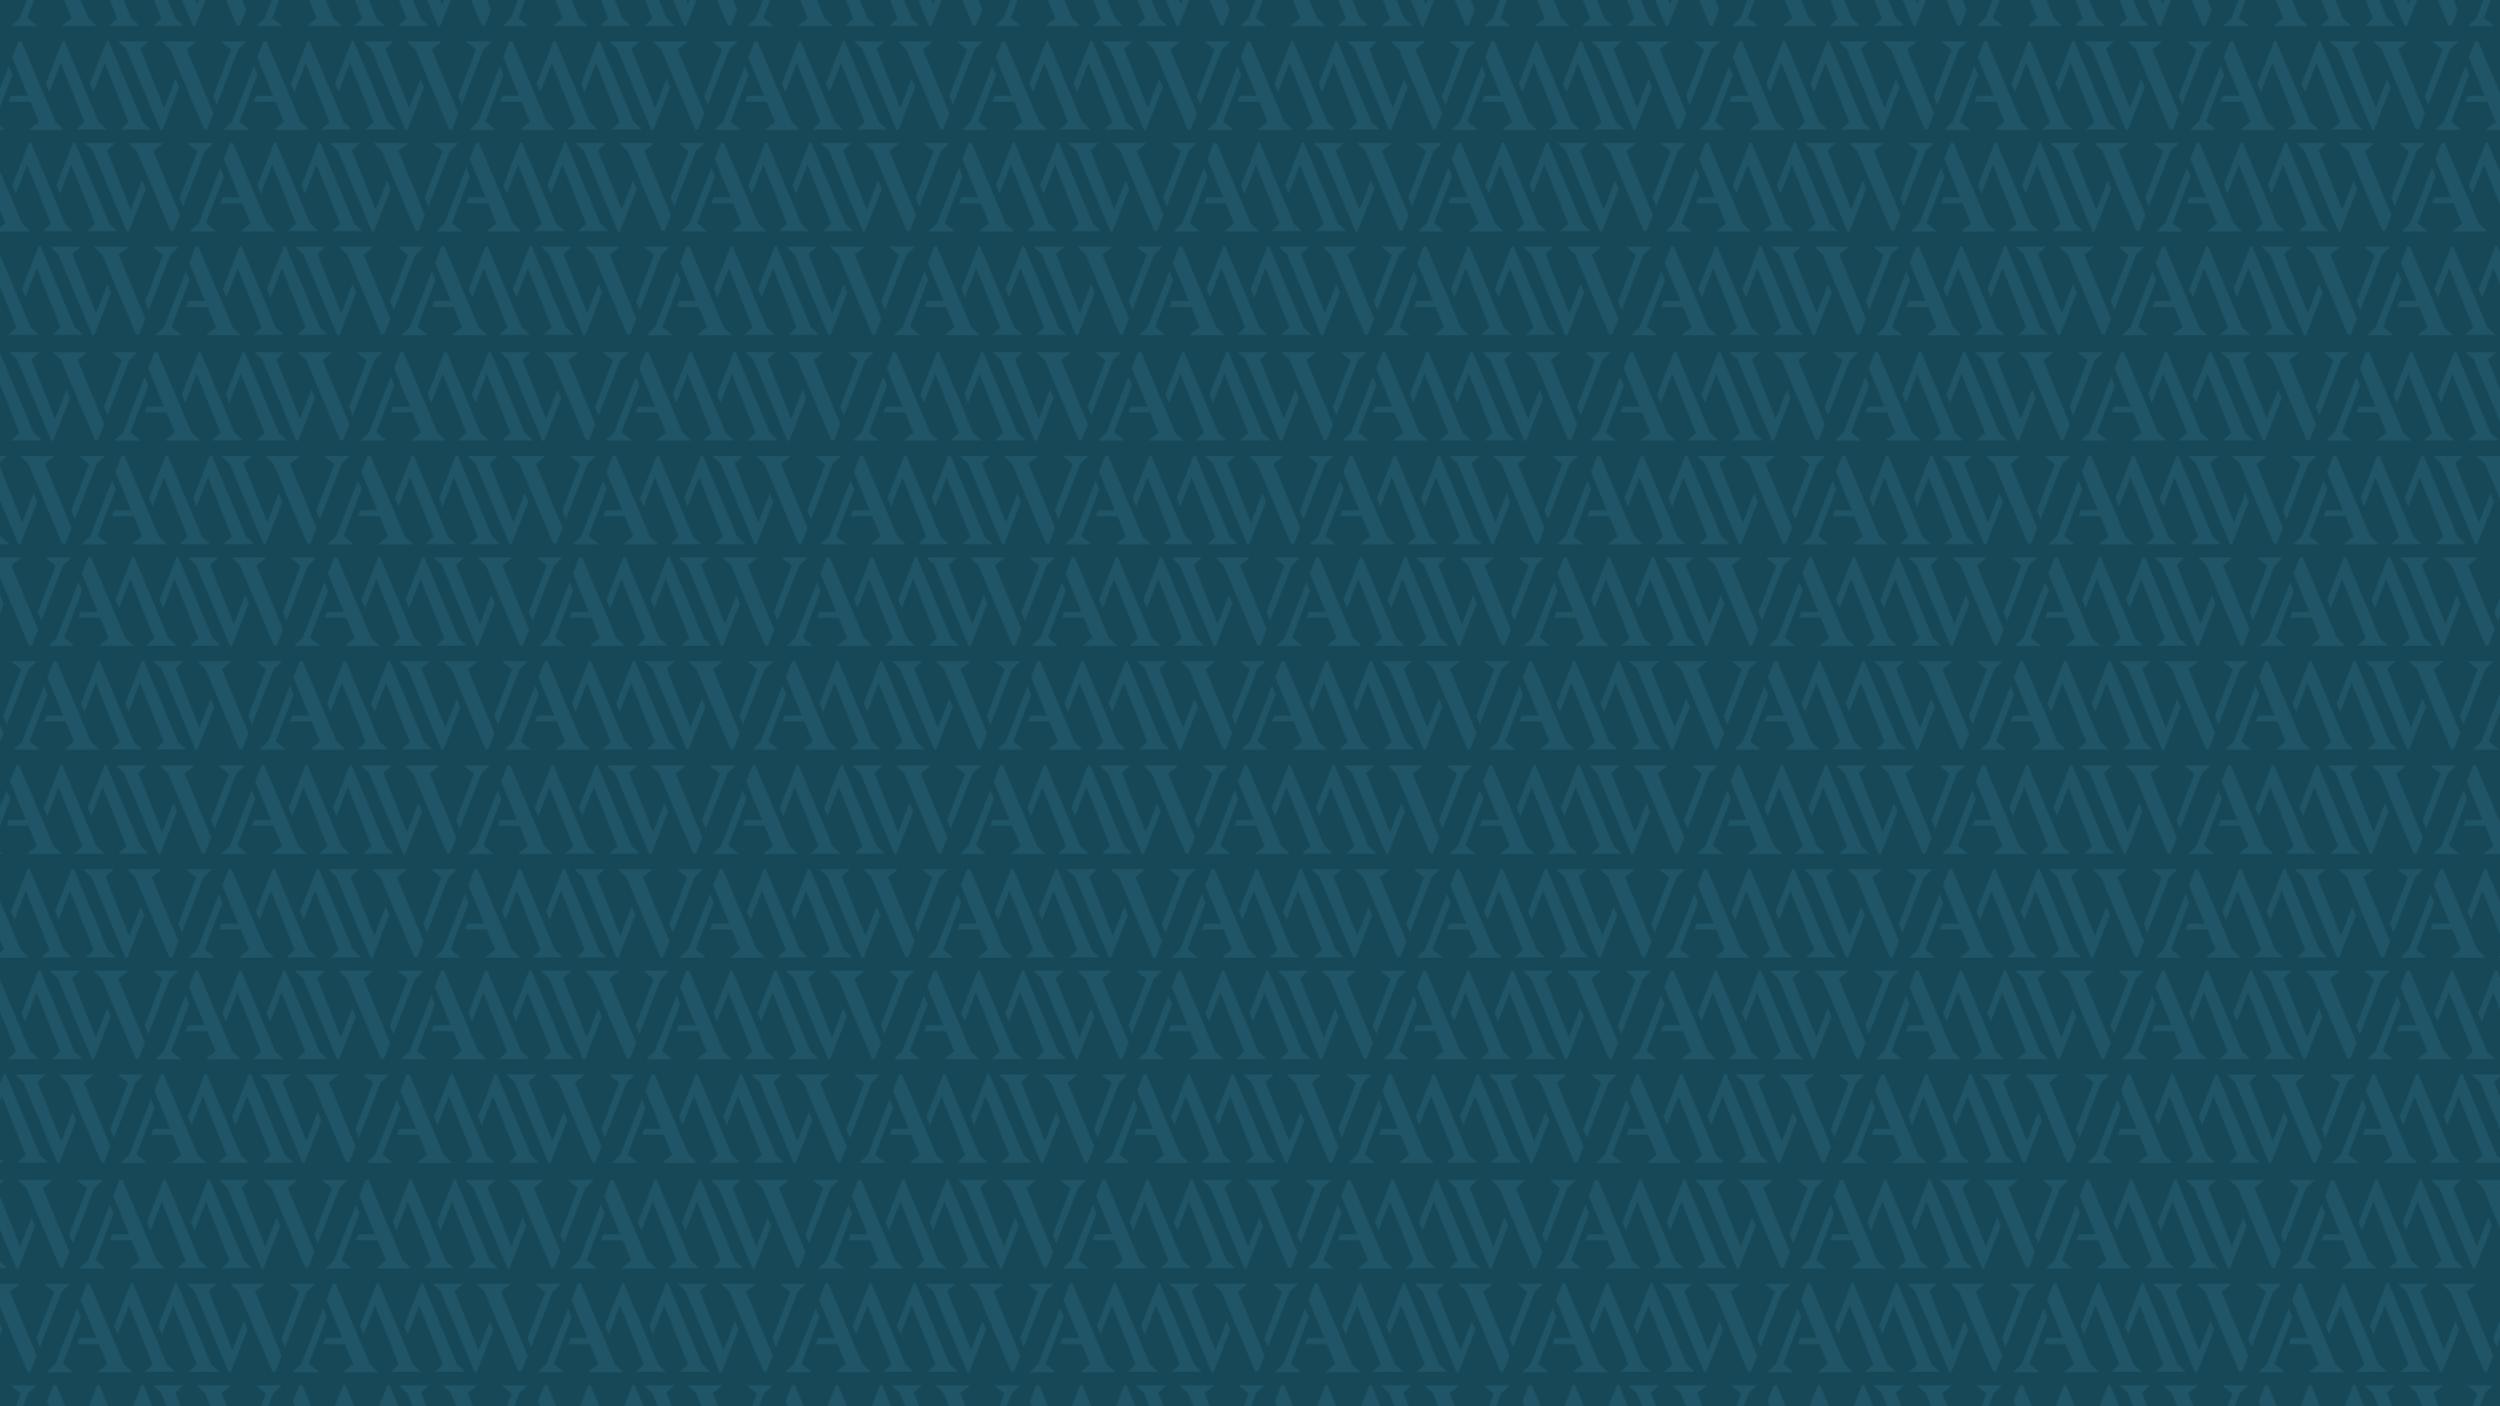 Screenshot 2019-08-03 at 09.41.03.png